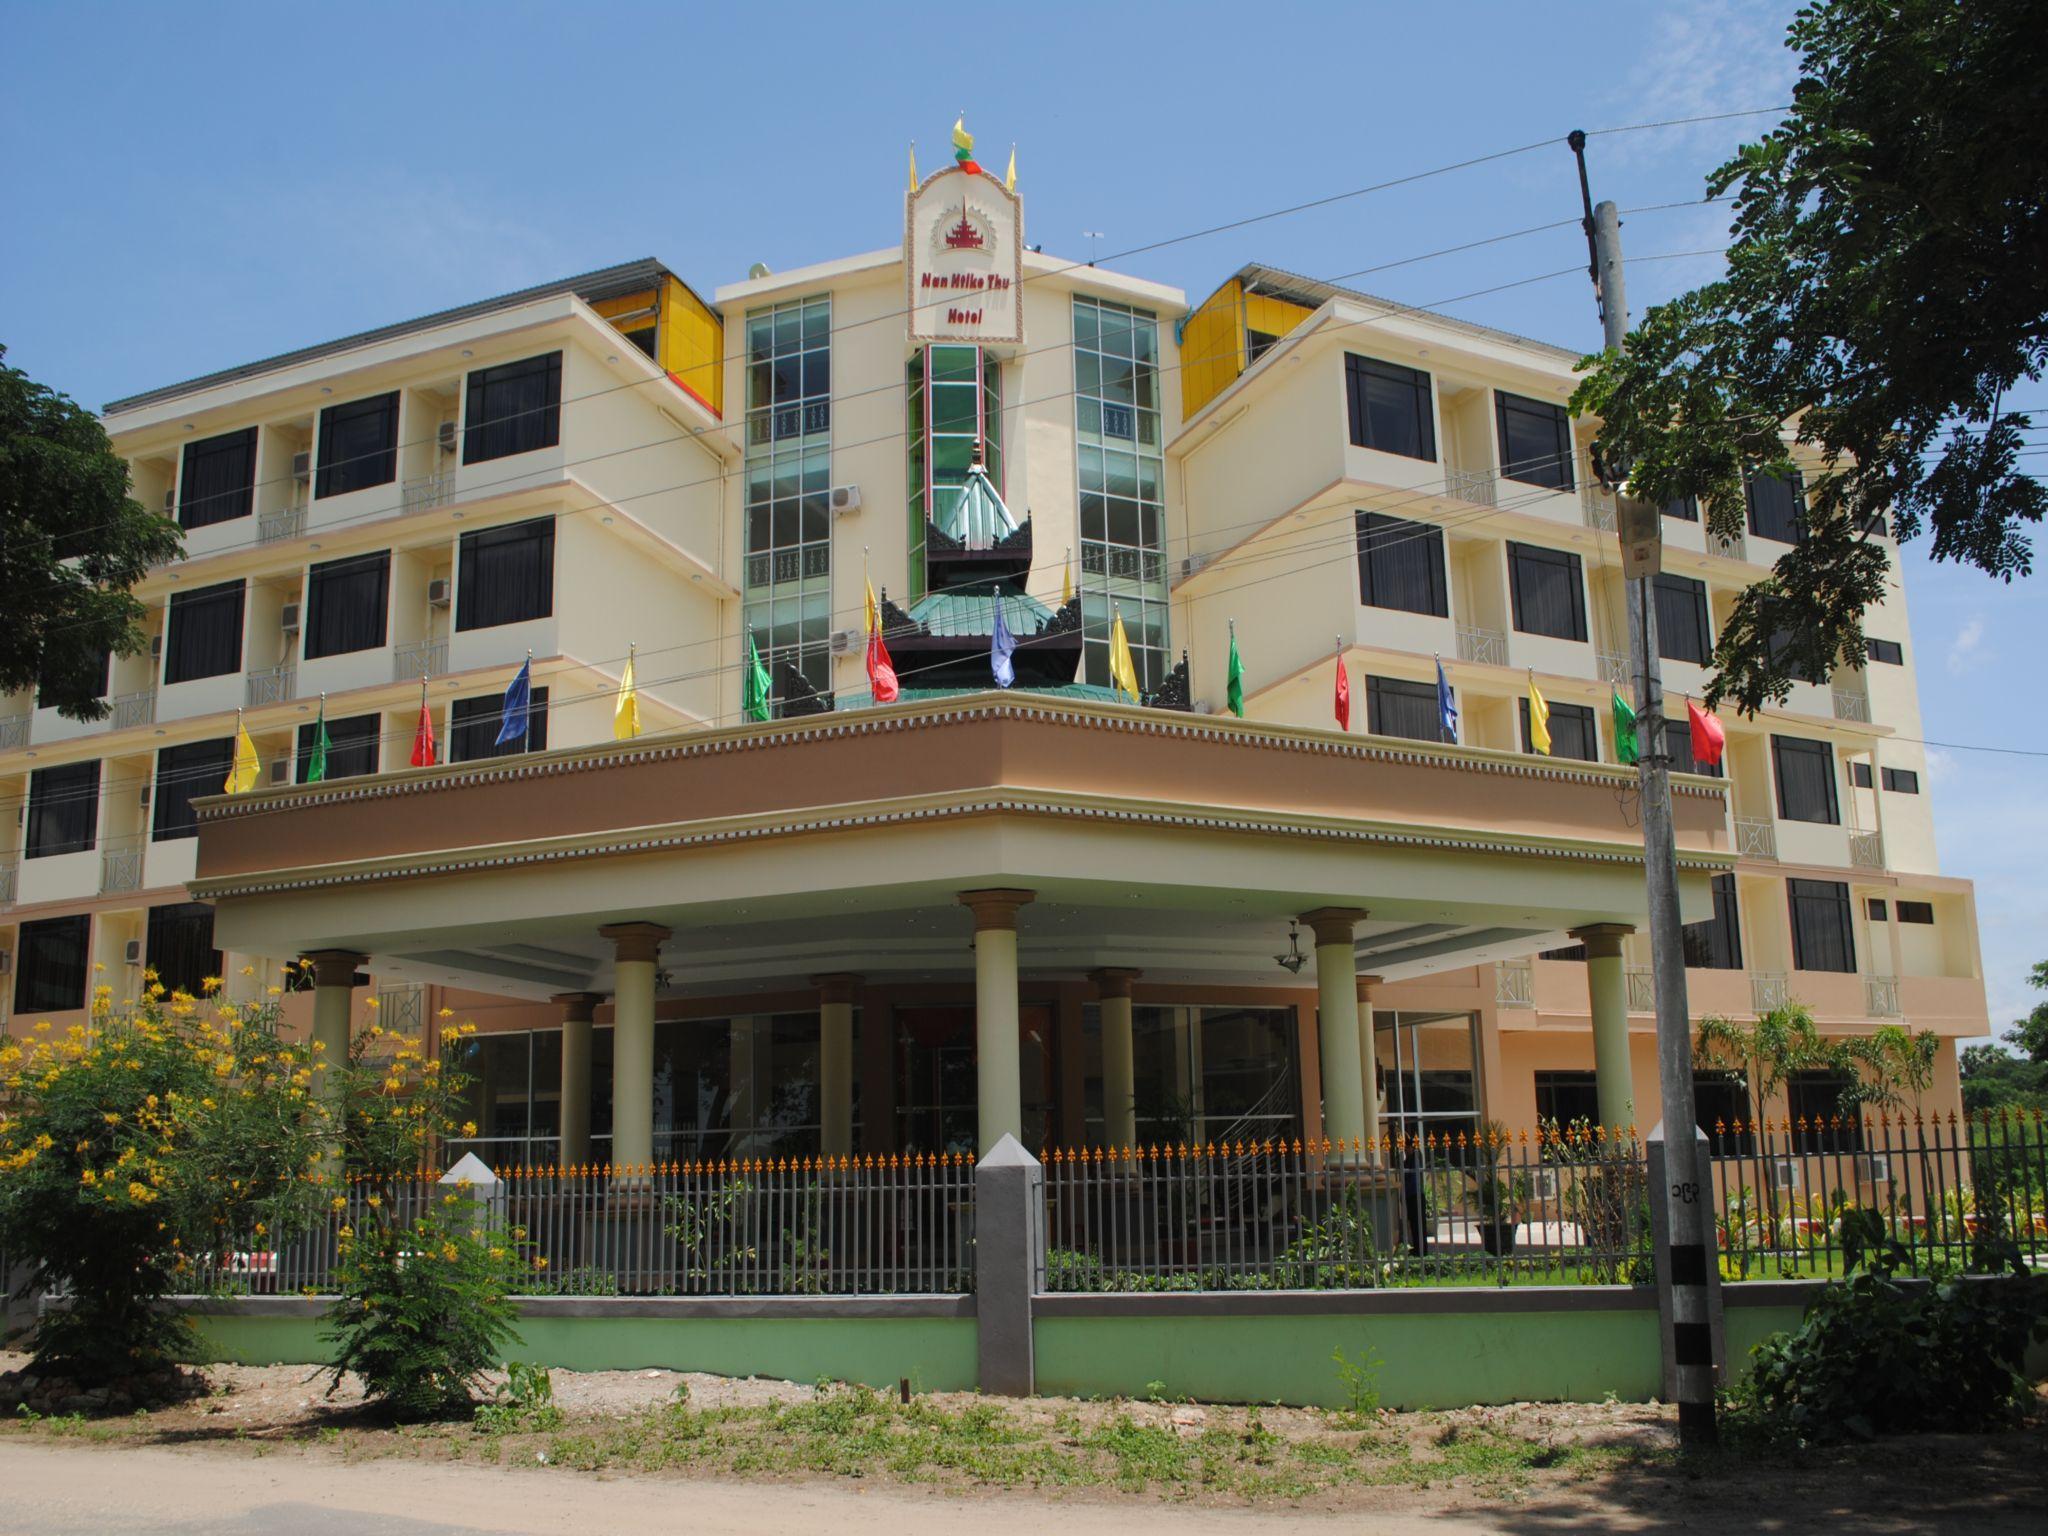 Nan Htike Thu Hotel